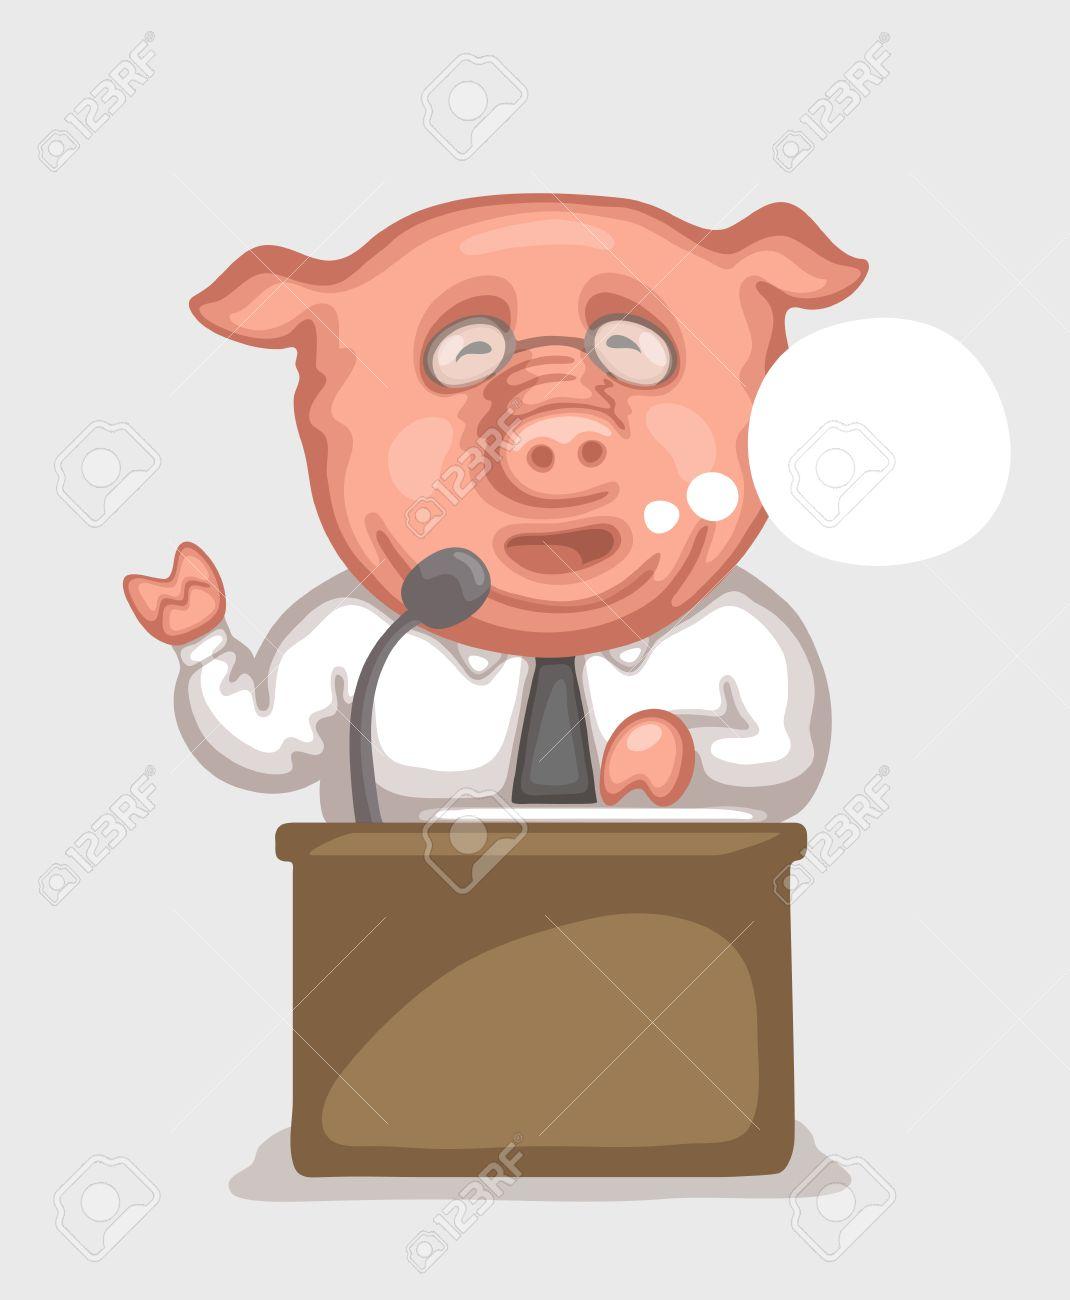 Con Cerdo Político De El Micrófono En Haciendo Está Discurso Usando Y Un La TribunaCaricatura Camisa Vestido Oficial Blanca Corbata b6gYf7y